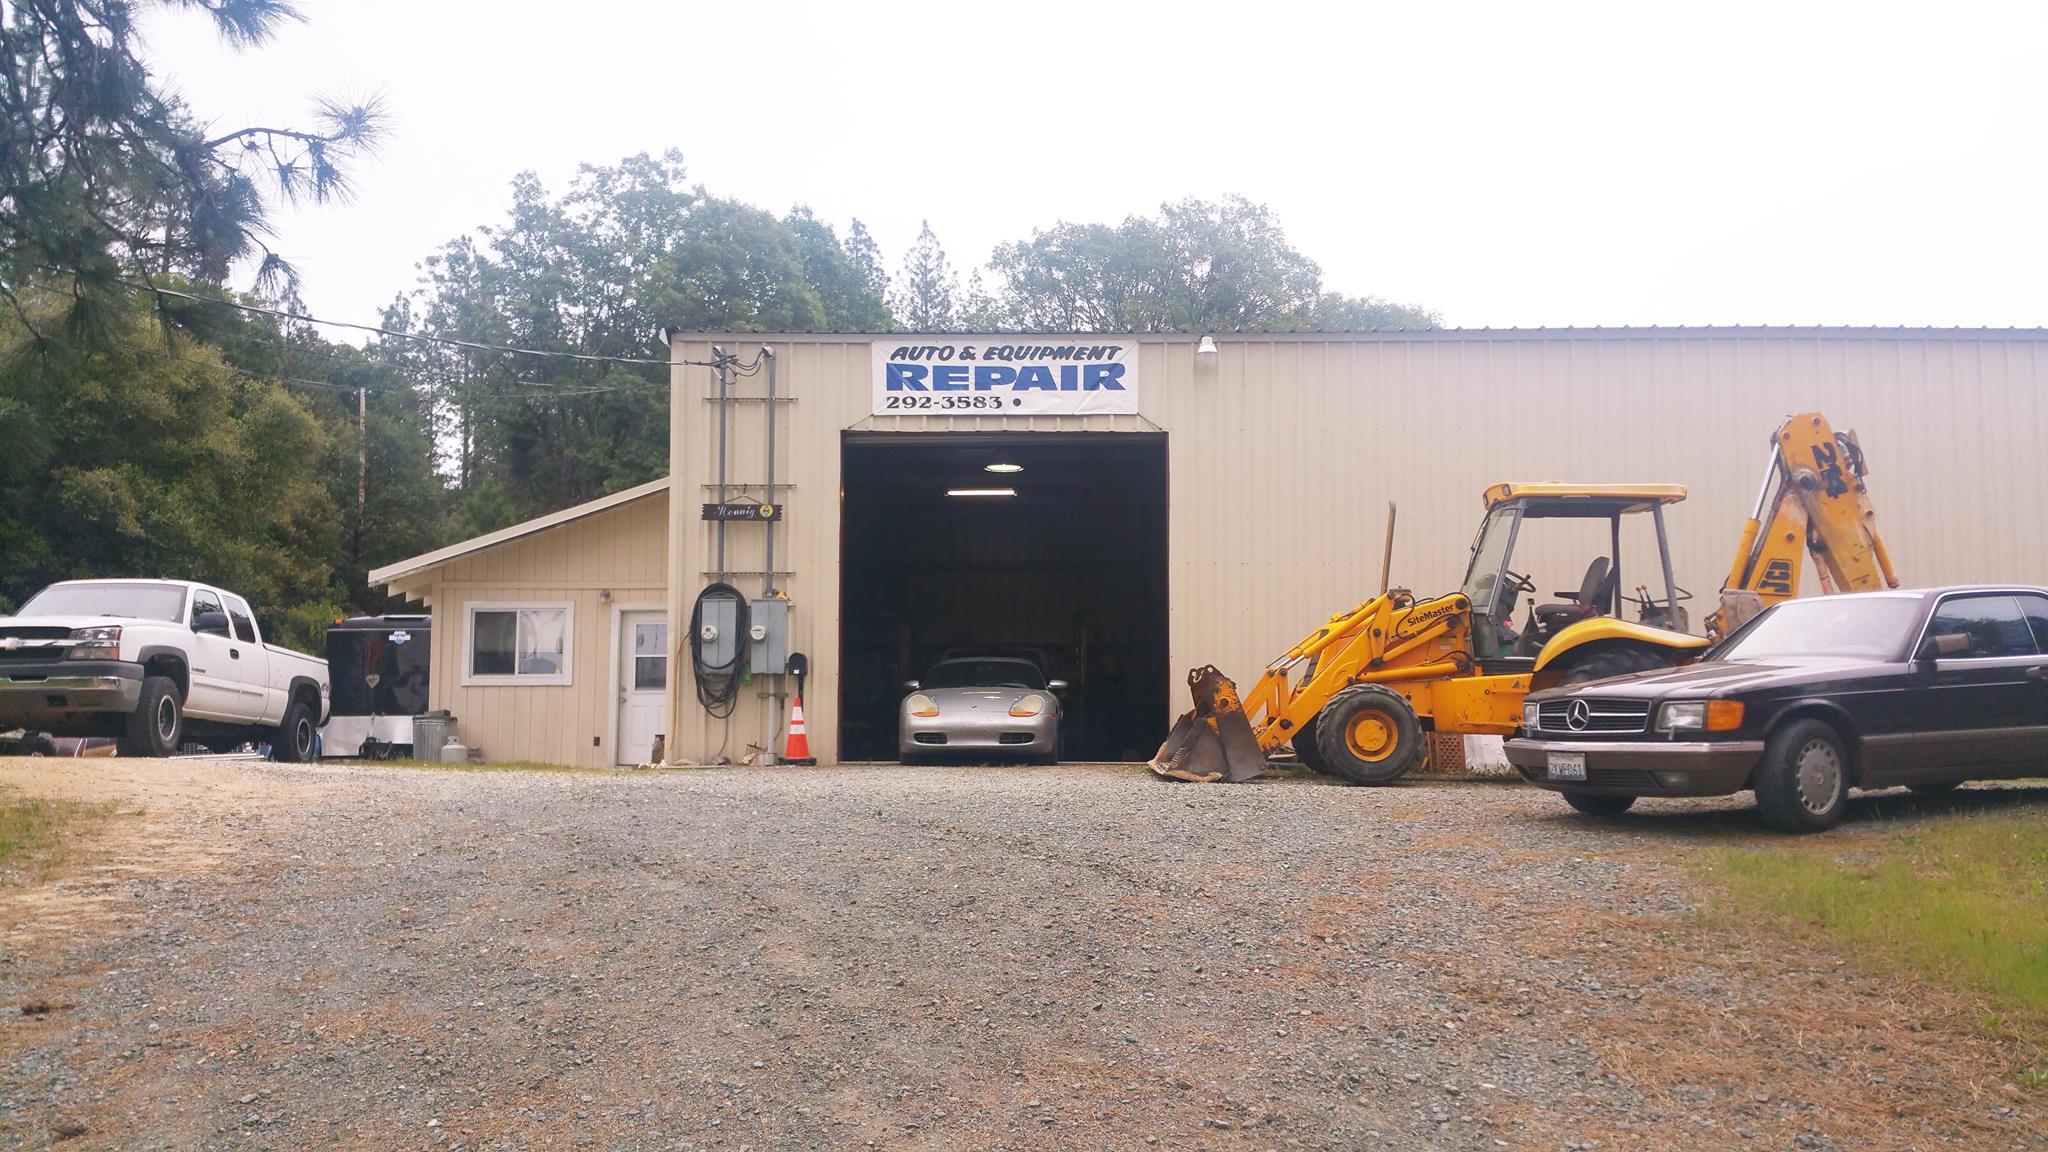 Hennig's Auto & Equipment Repair